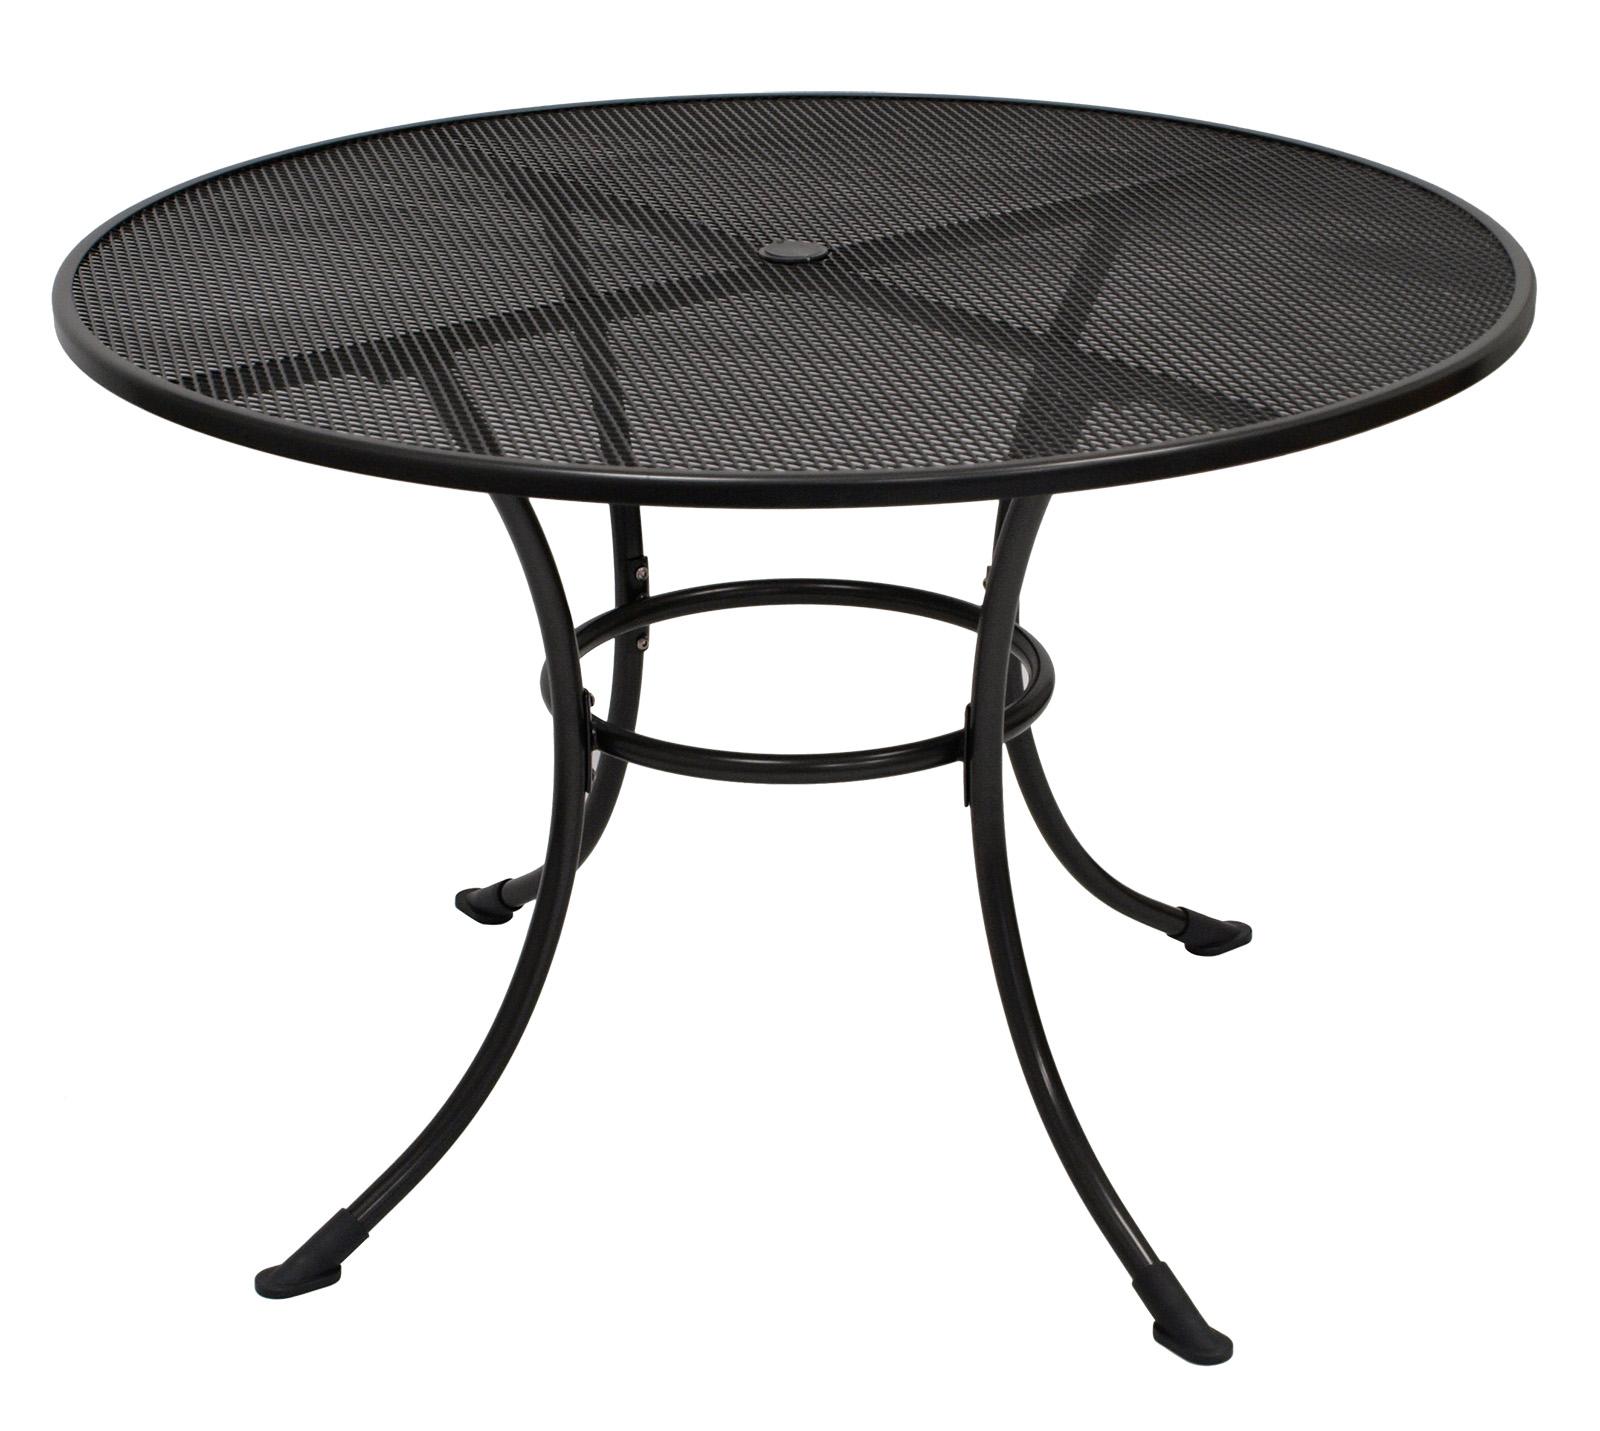 Gartentisch Metalltisch Gartenmöbel Tisch Metall Eisentisch RIVO ...